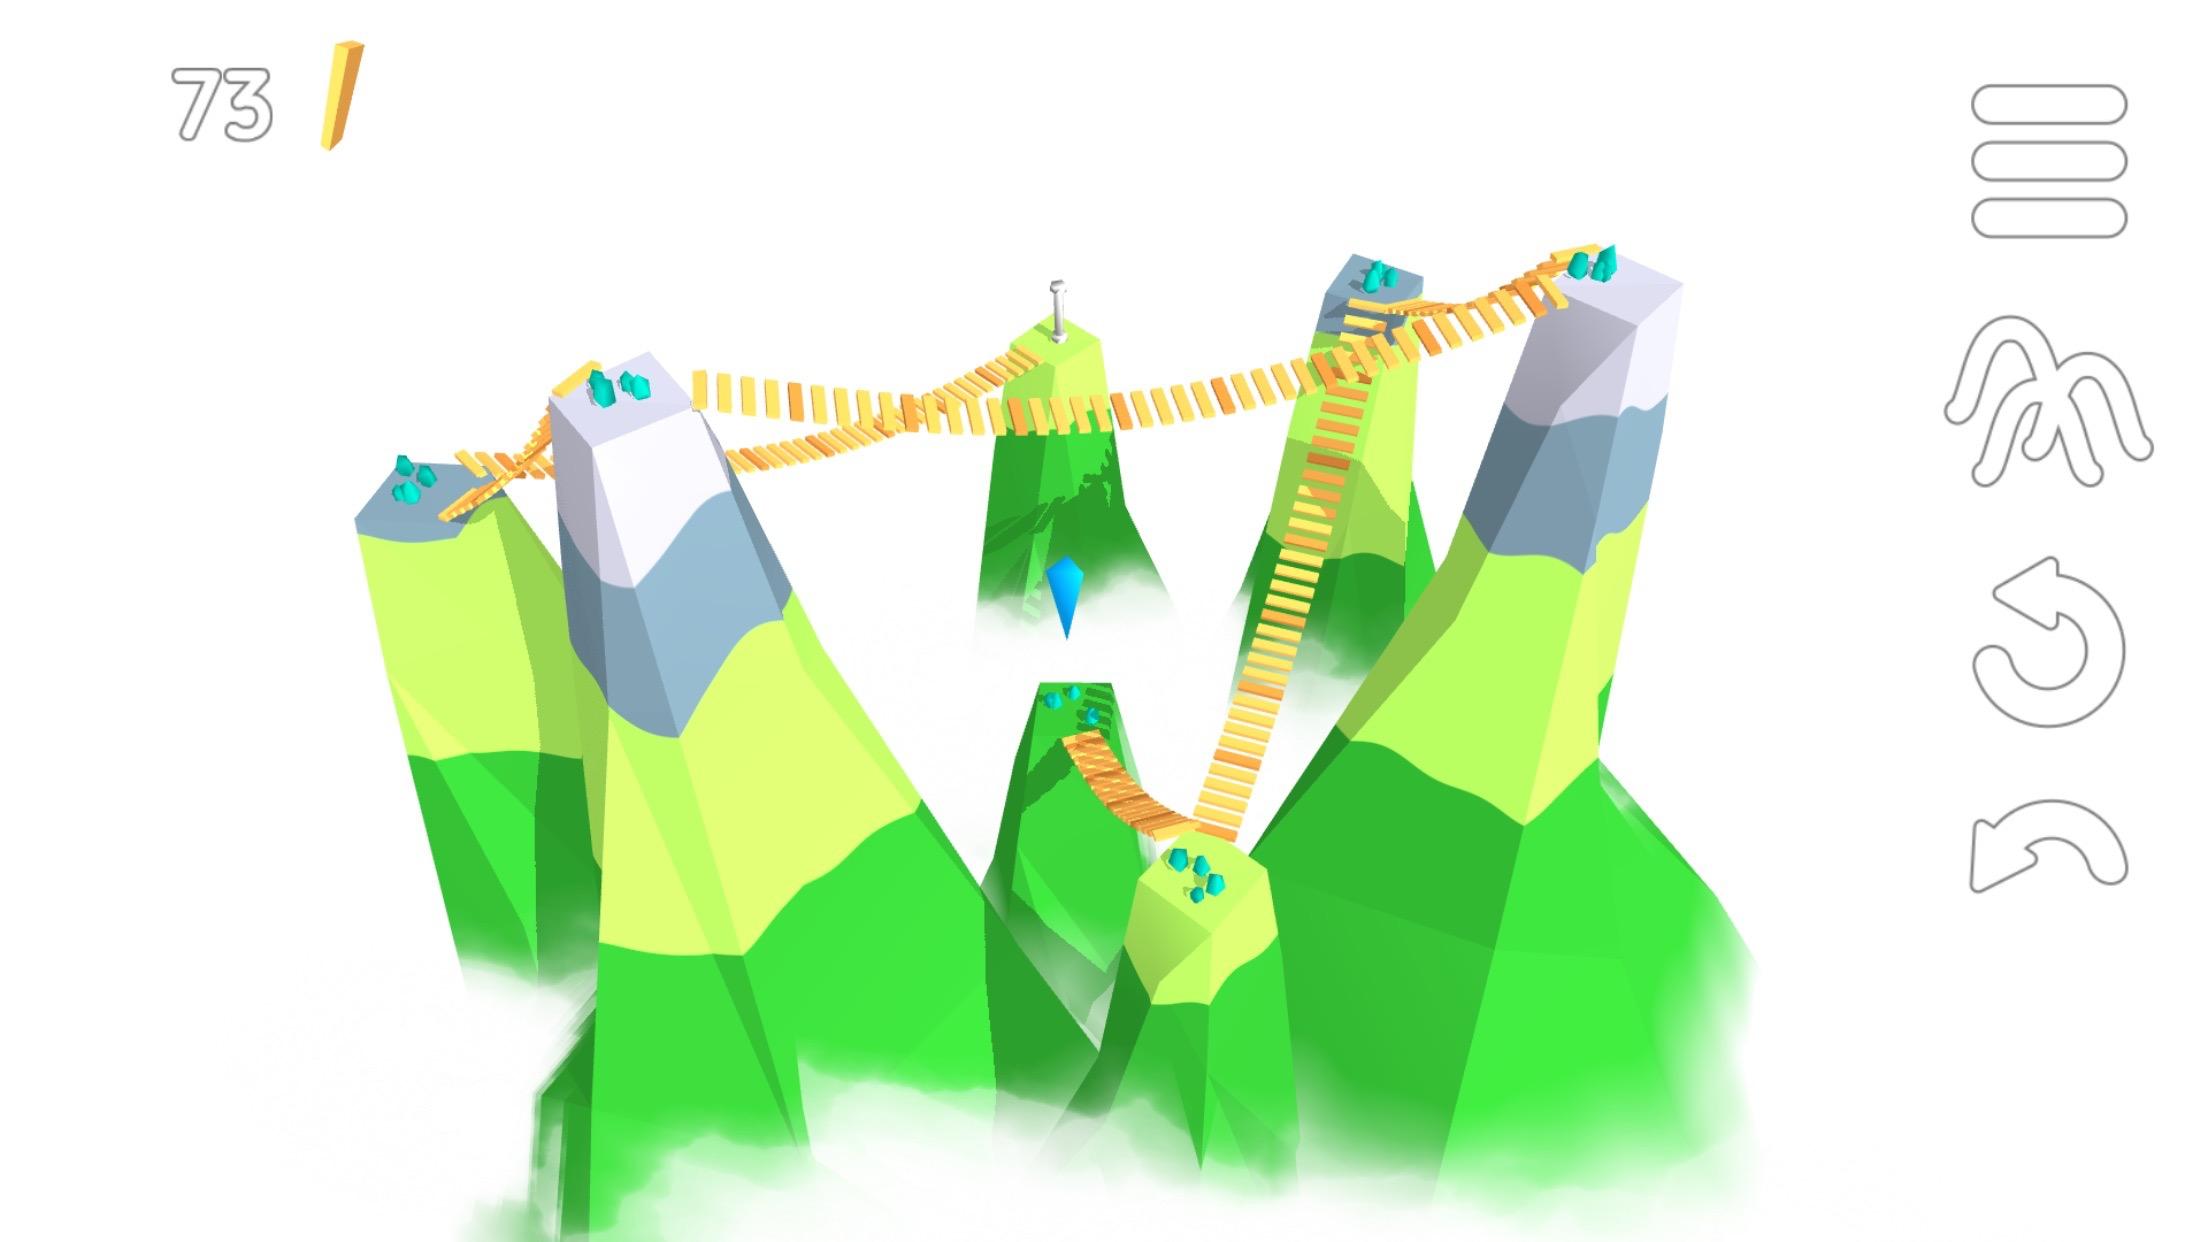 La tête au-dessus des montagnes, résolvez les casse-têtes malins de Summit Way, nouveau jeu iPhone, iPad 1